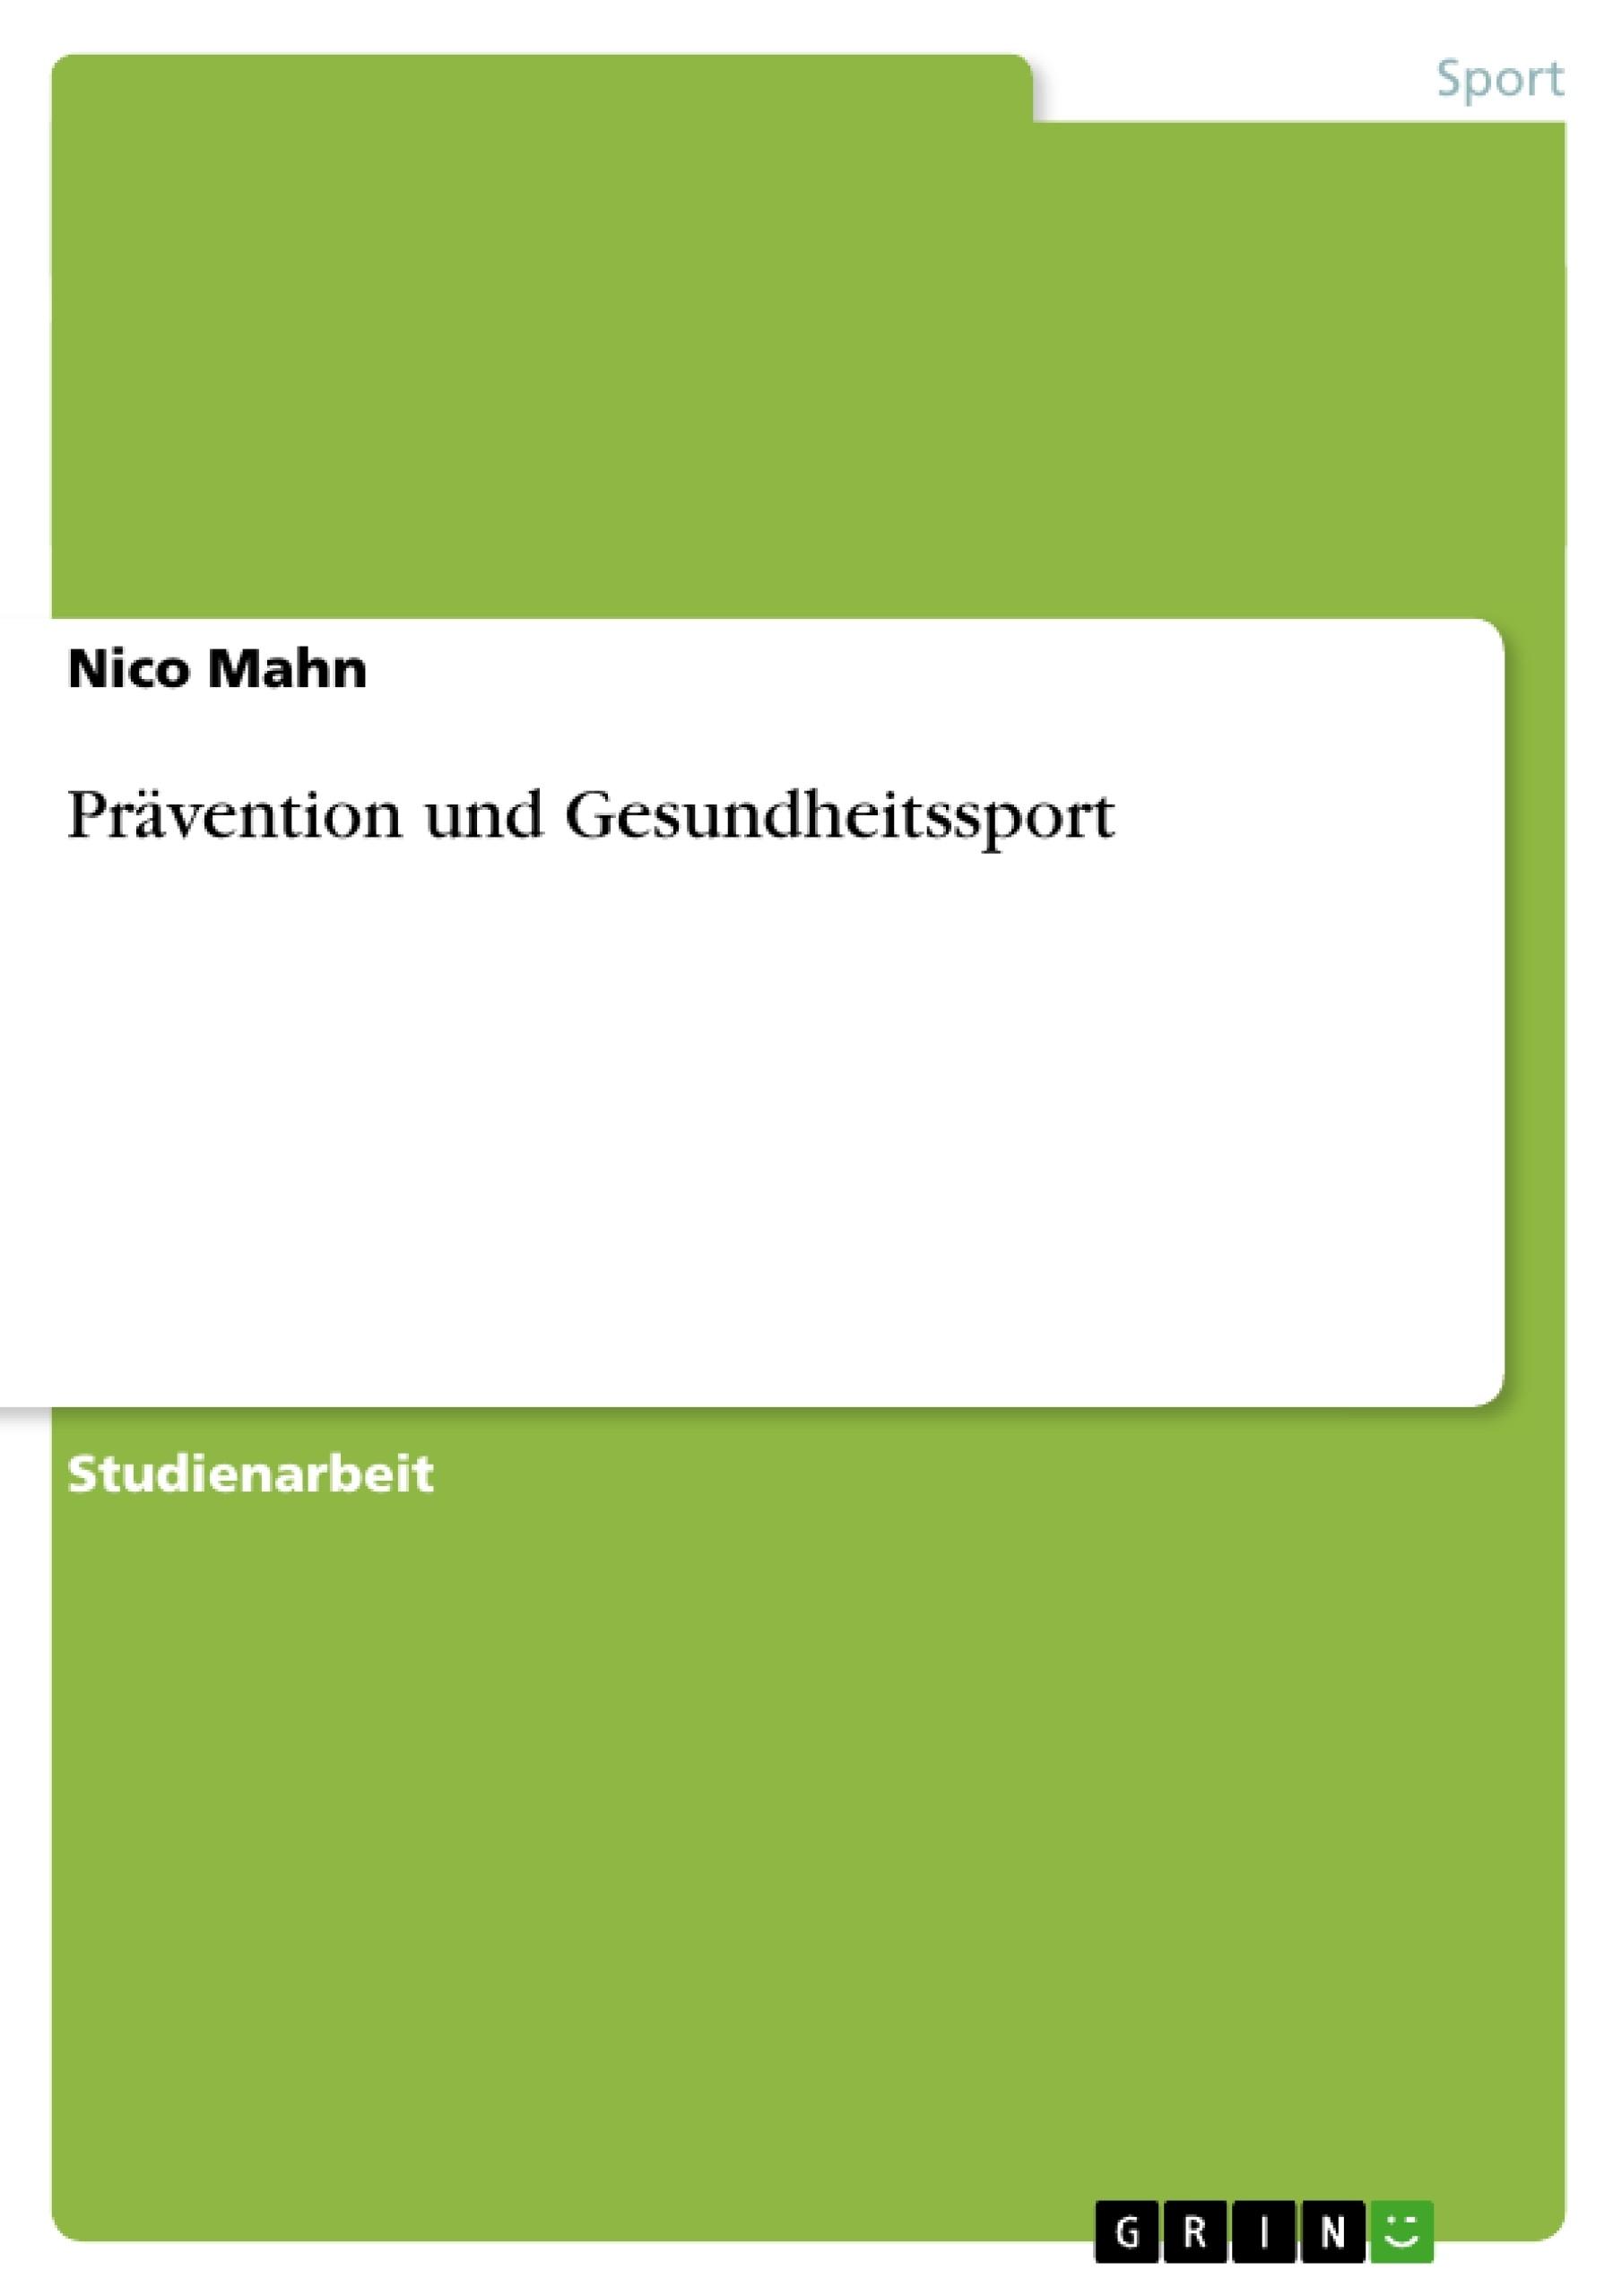 Titel: Prävention und Gesundheitssport